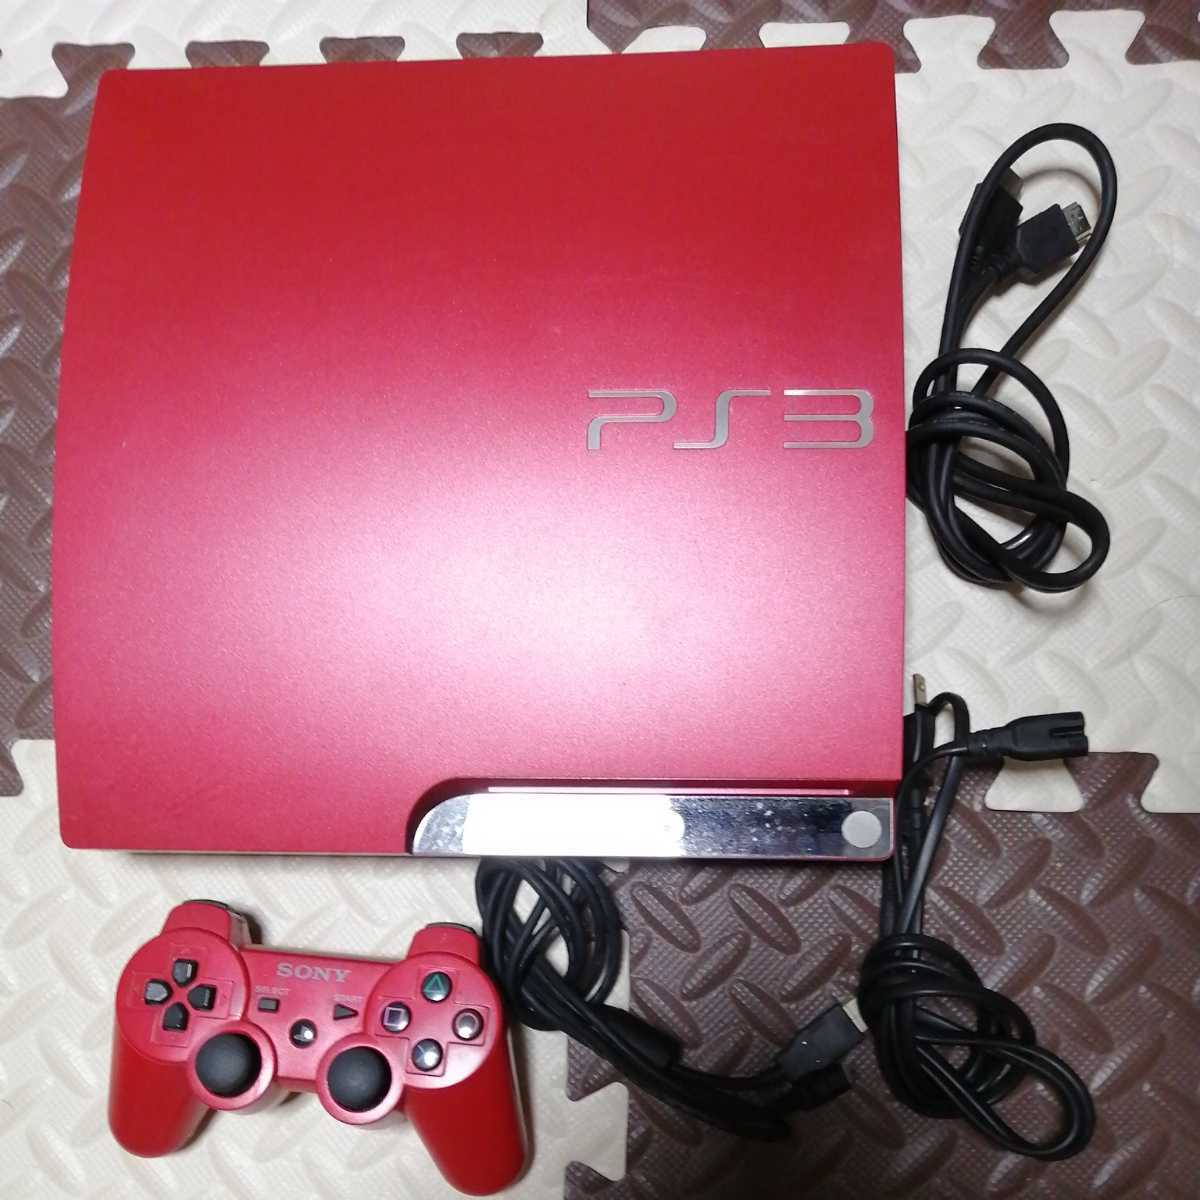 美品 動作良好 PS3 本体 スカーレット レッド320GB★cech3000b★赤 アカ scarlet red プレステ3 PlayStation3 プレイステーション3 HDMI付